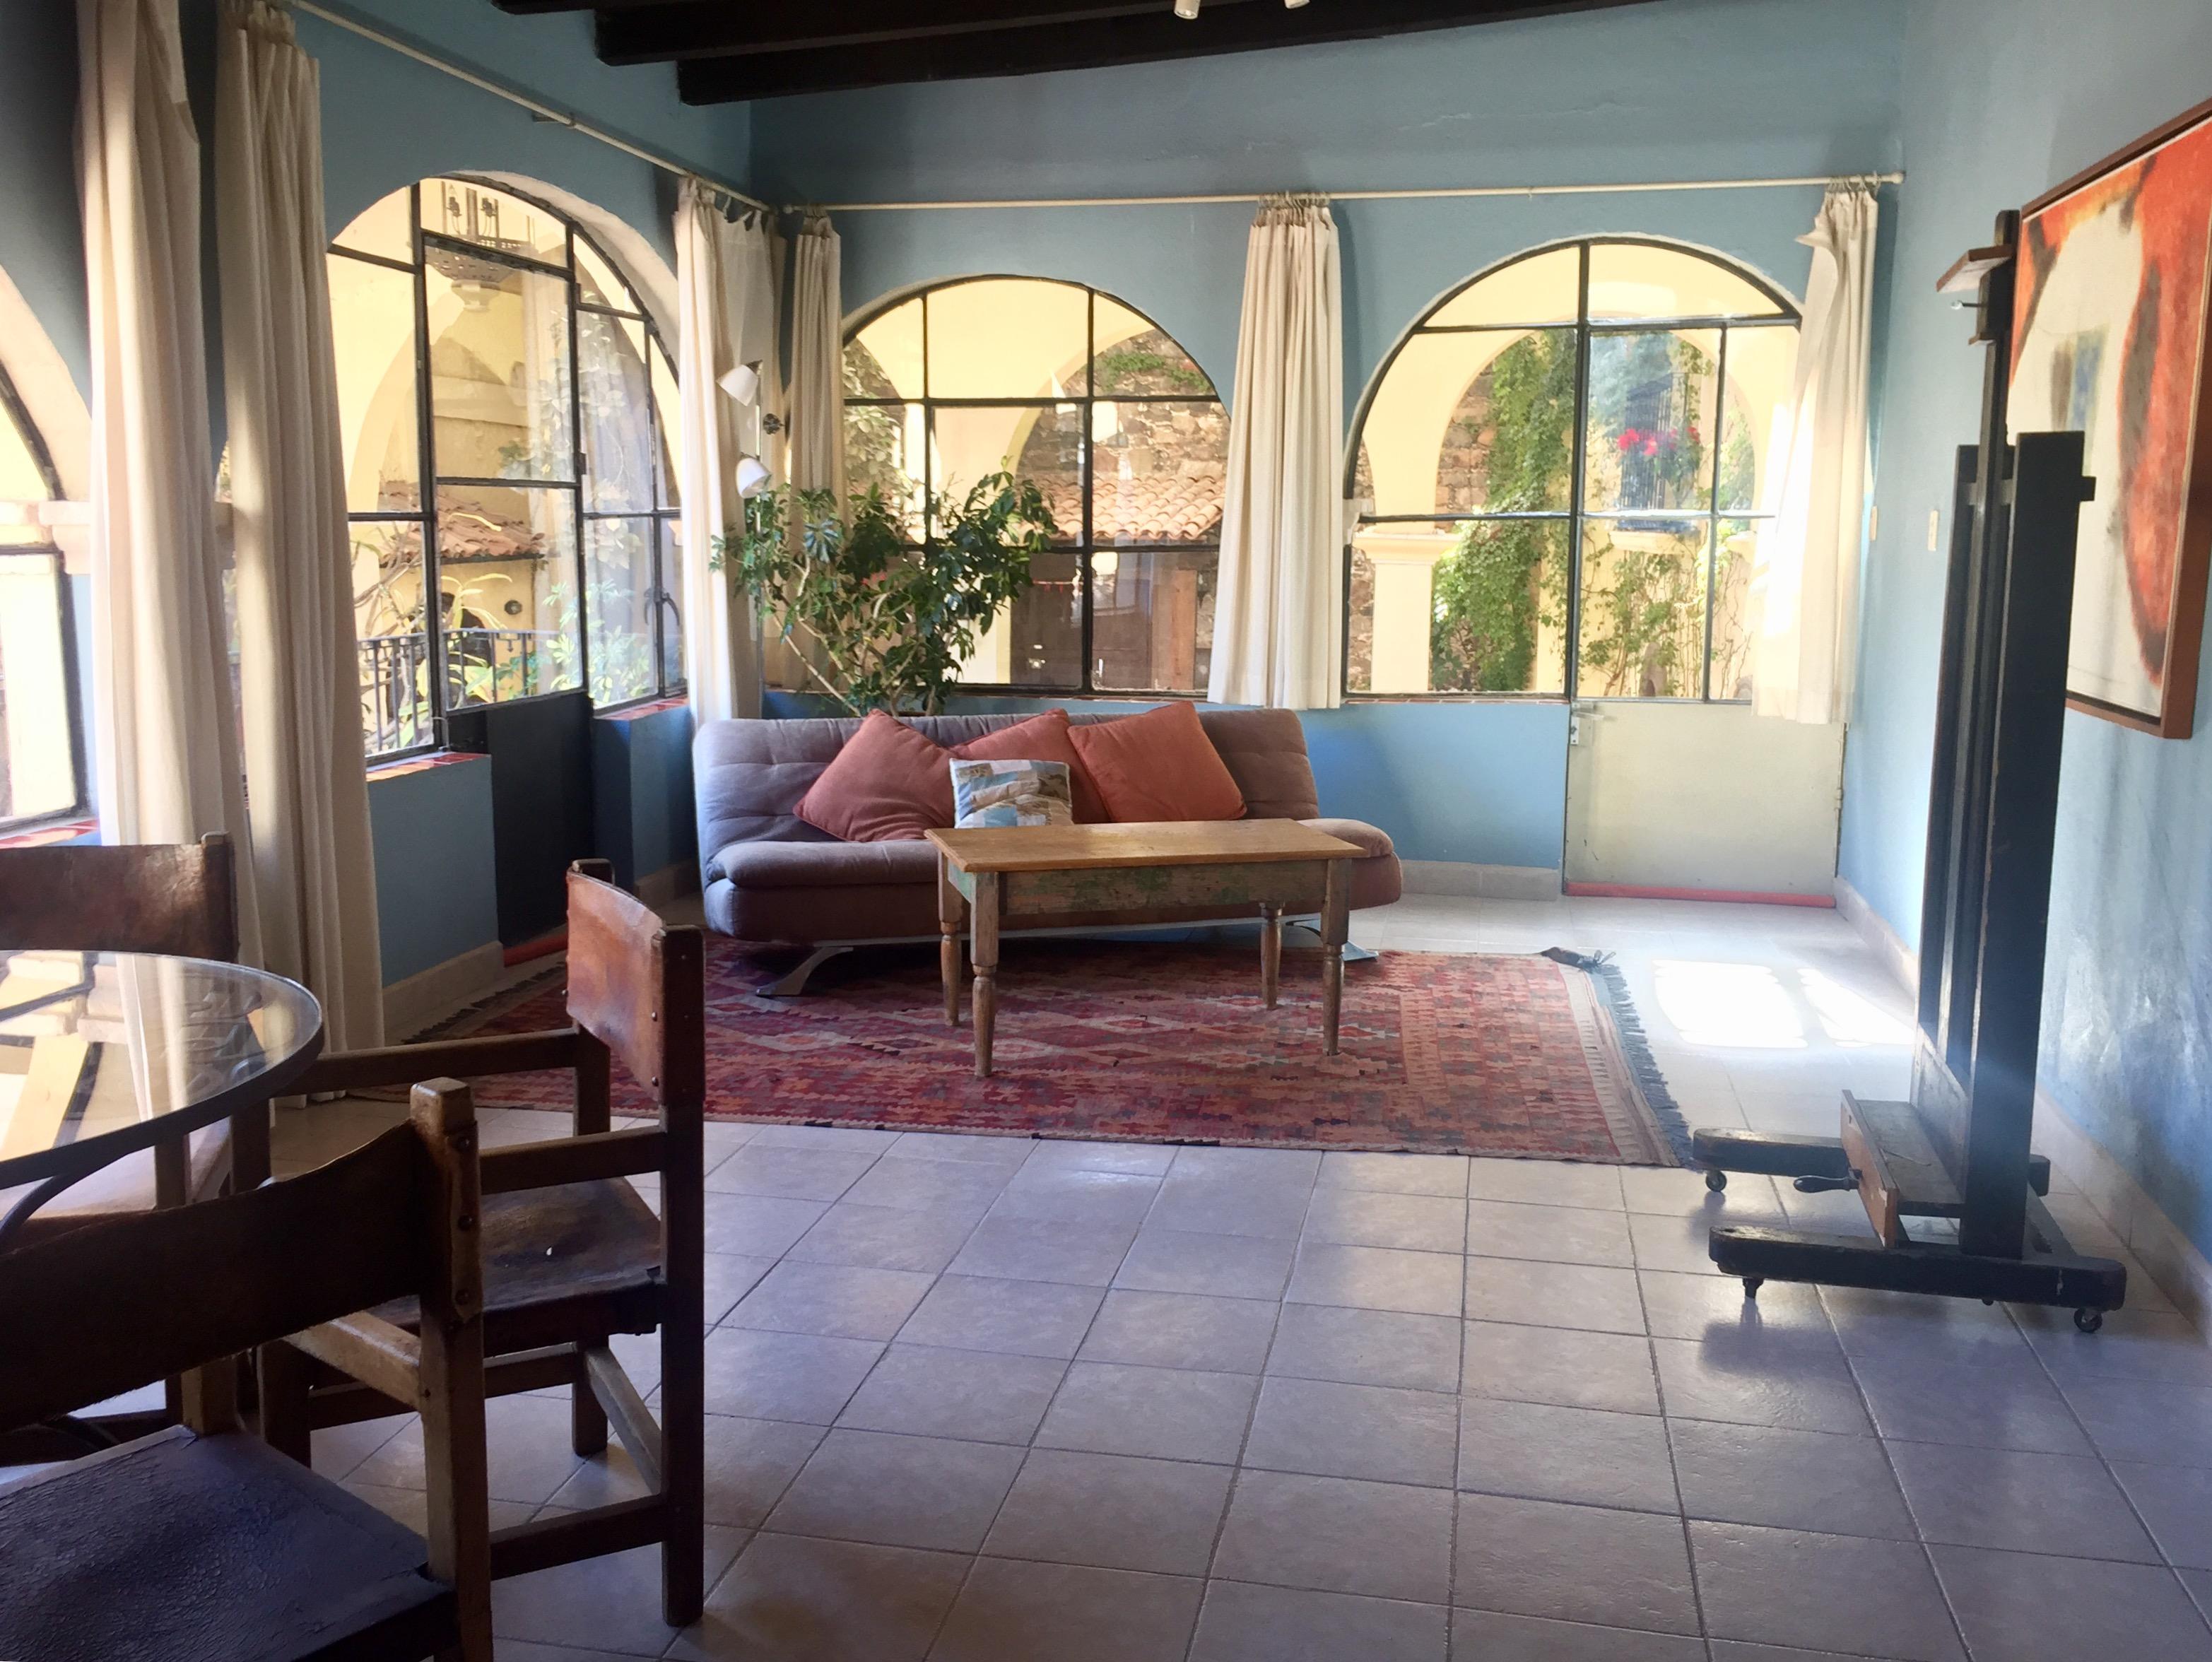 San Miguel Hotels | Casa de la Noche Besos Suite Living Room